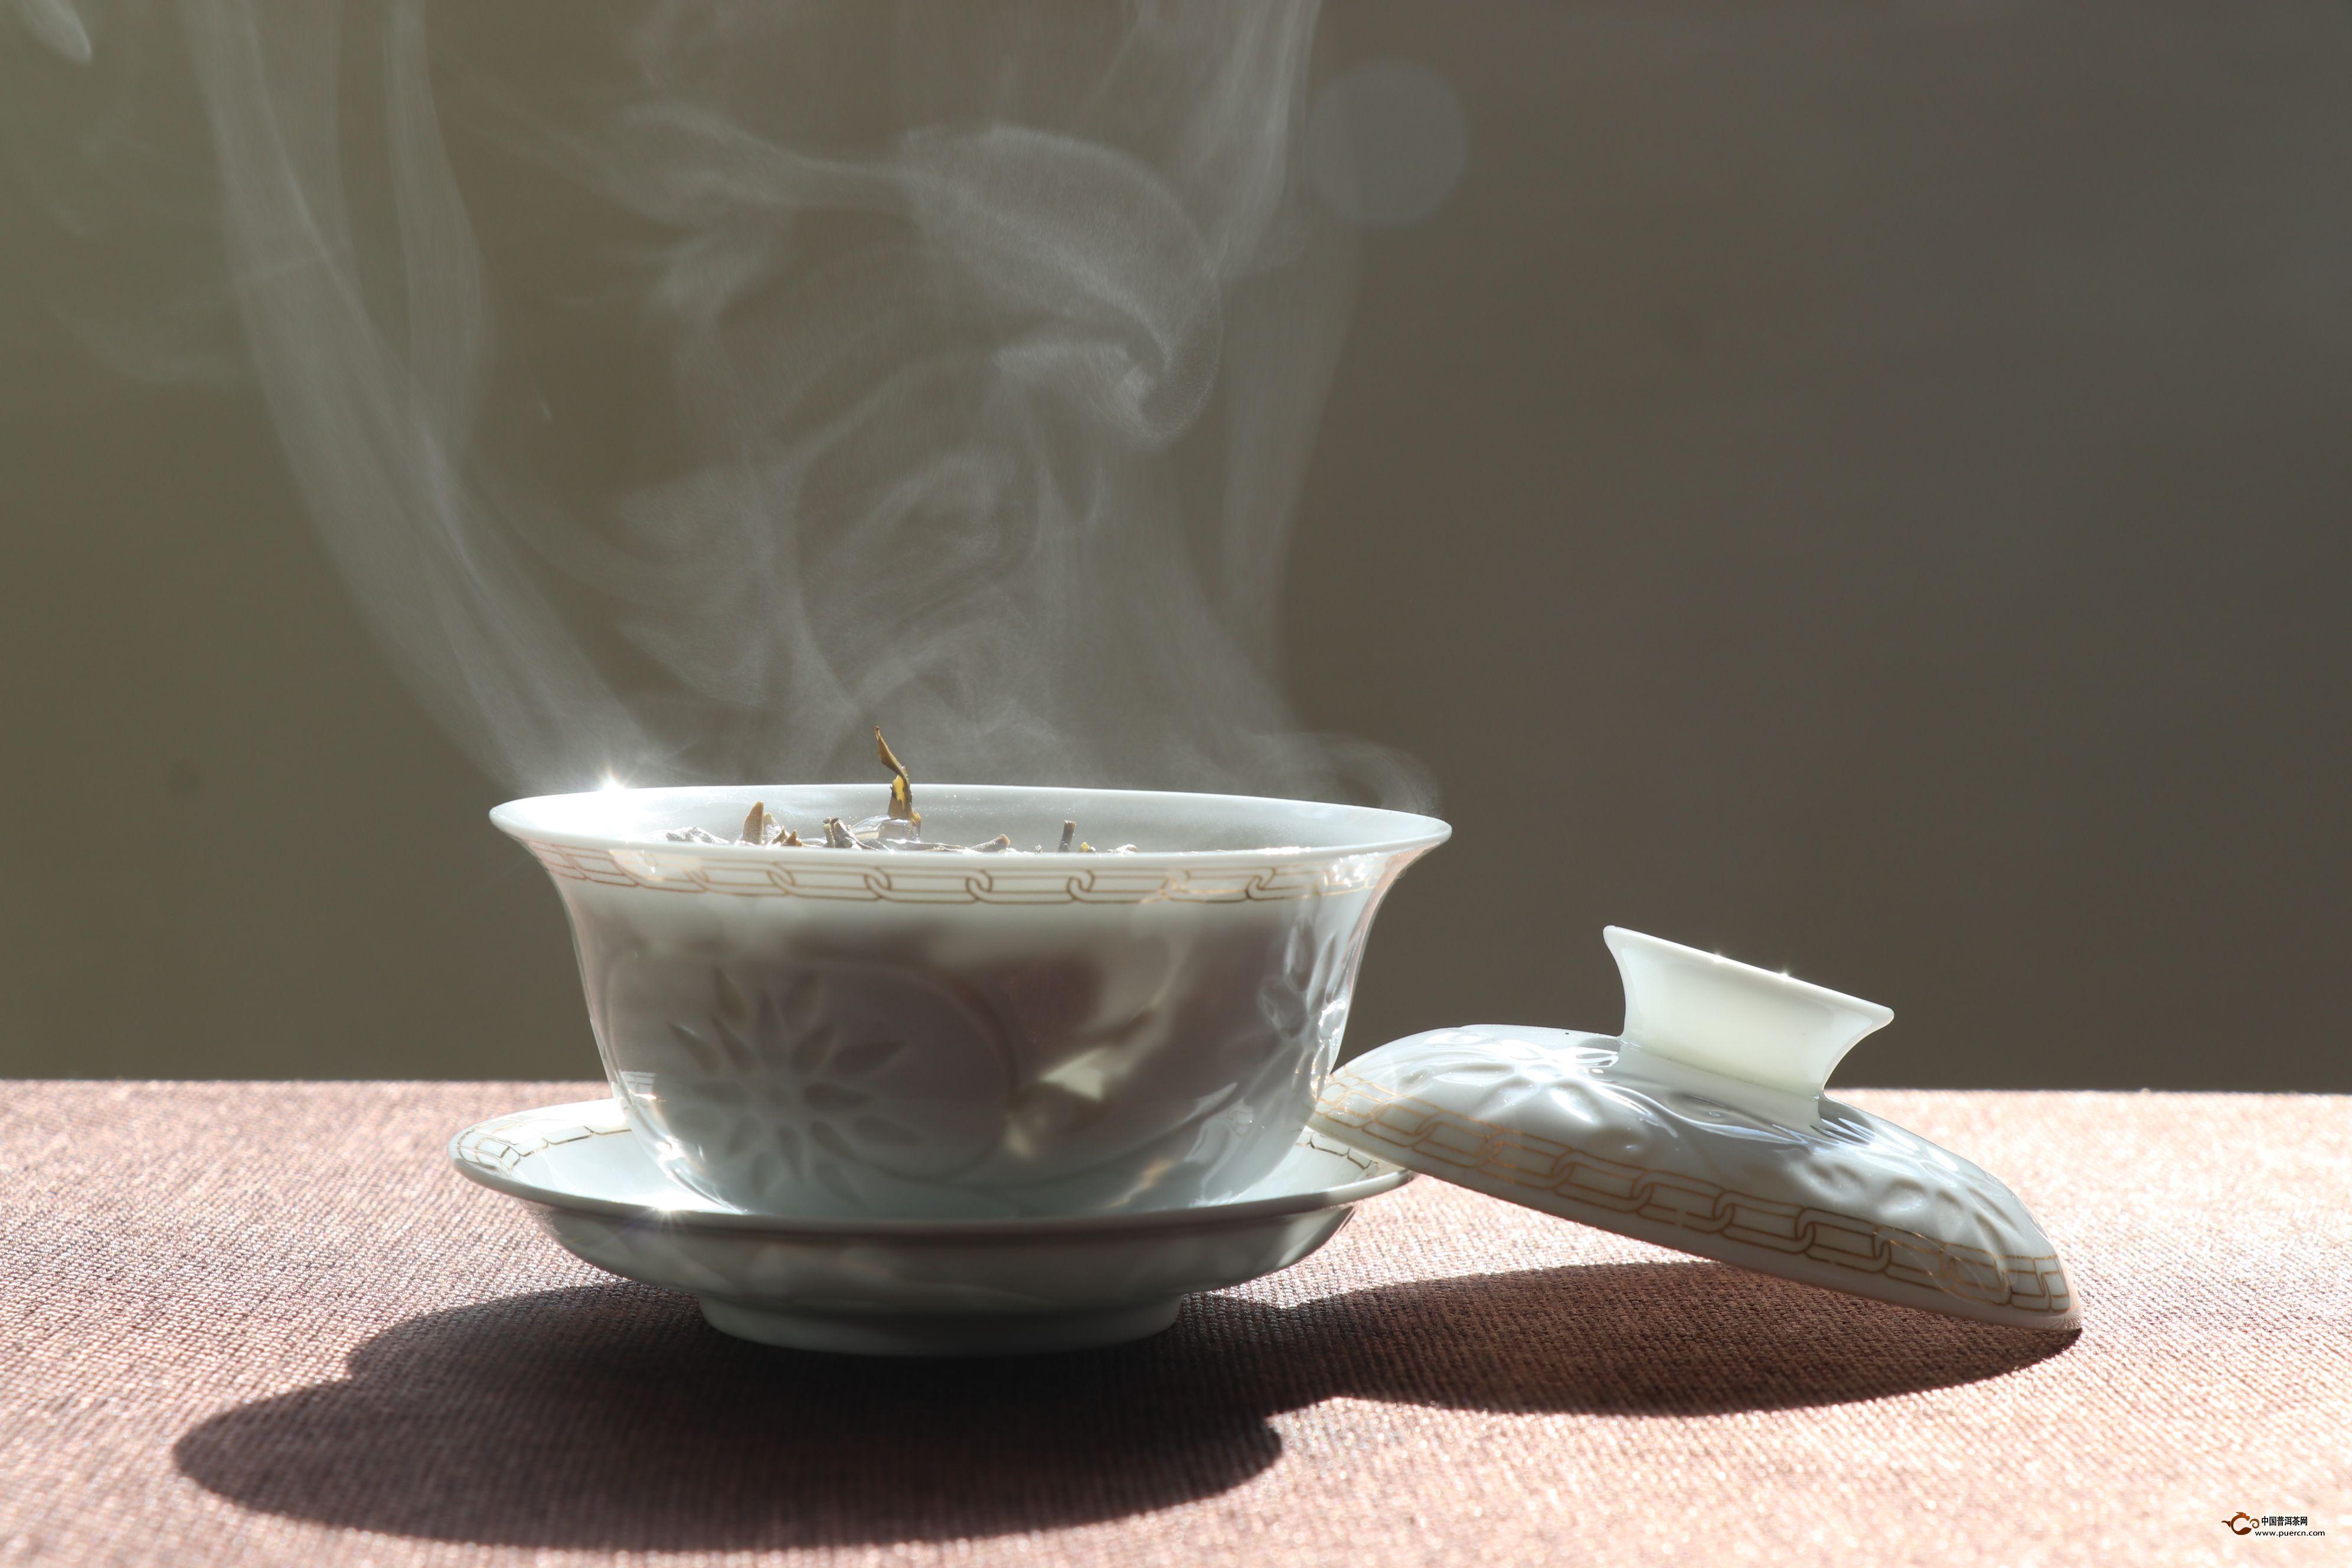 普洱茶生茶是既可以品饮又值得收藏的,在品饮普洱生茶的同时,也要知道怎么冲泡普洱生茶,经过以上的这番介绍后,相信大家都了解普洱生茶的冲泡方法,希望这样的介绍能给广大茶友了解普洱生茶的冲泡方法这一知识带来帮助。